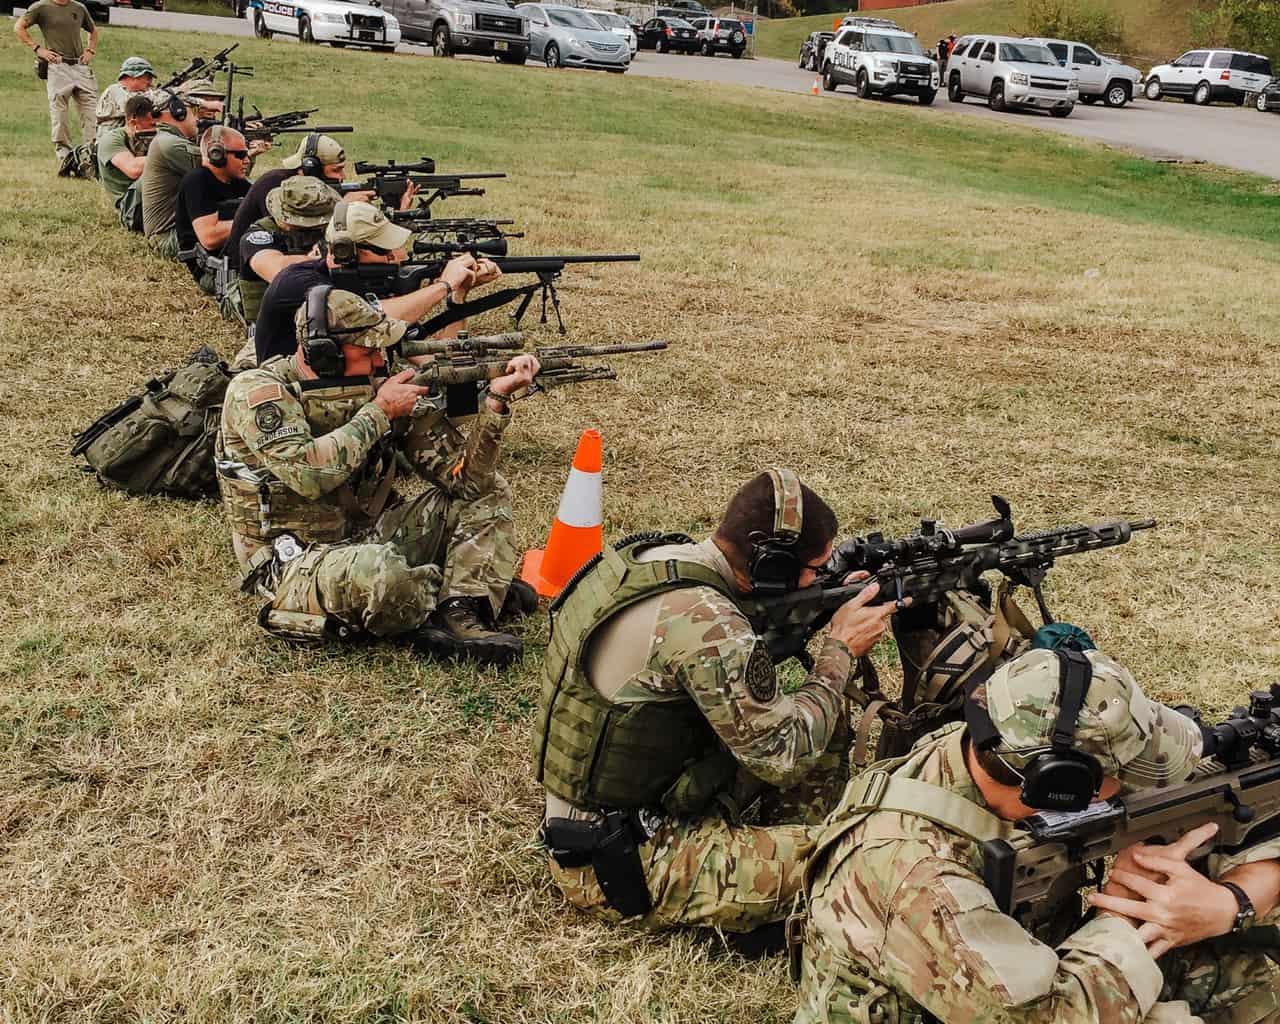 police-sniper-tripod-utilization-course-4